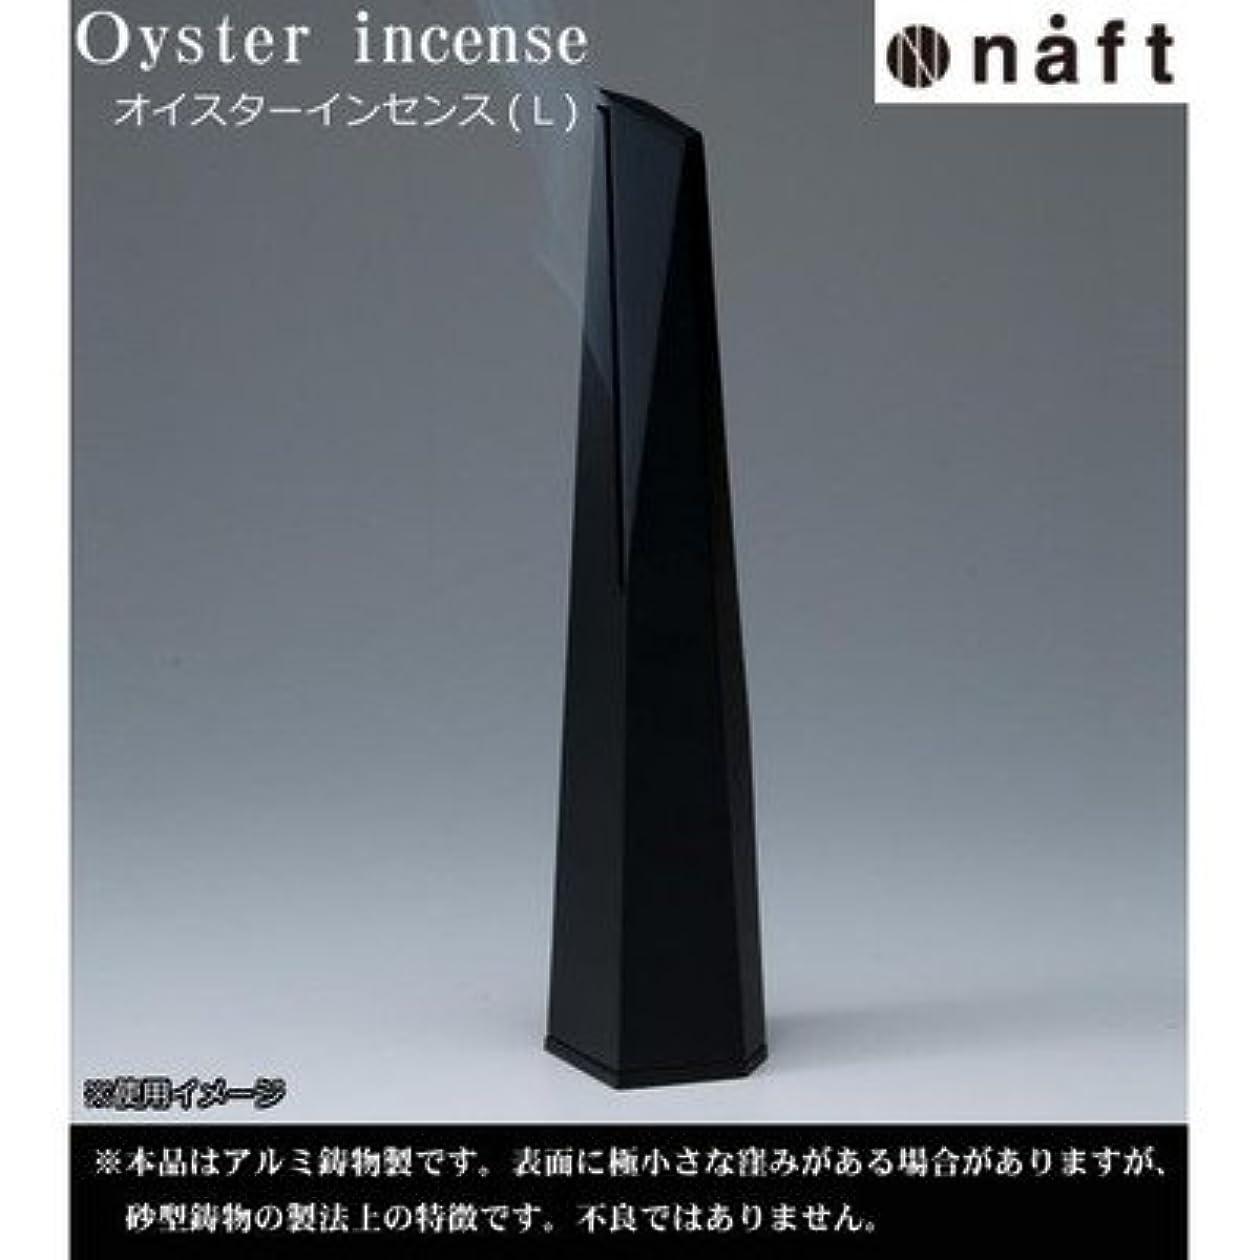 八百屋さん球体実験的シンプルだけどインパクトのあるフォルムのお香立て naft Oyster incense オイスターインセンス 香炉 Lサイズ ブラック